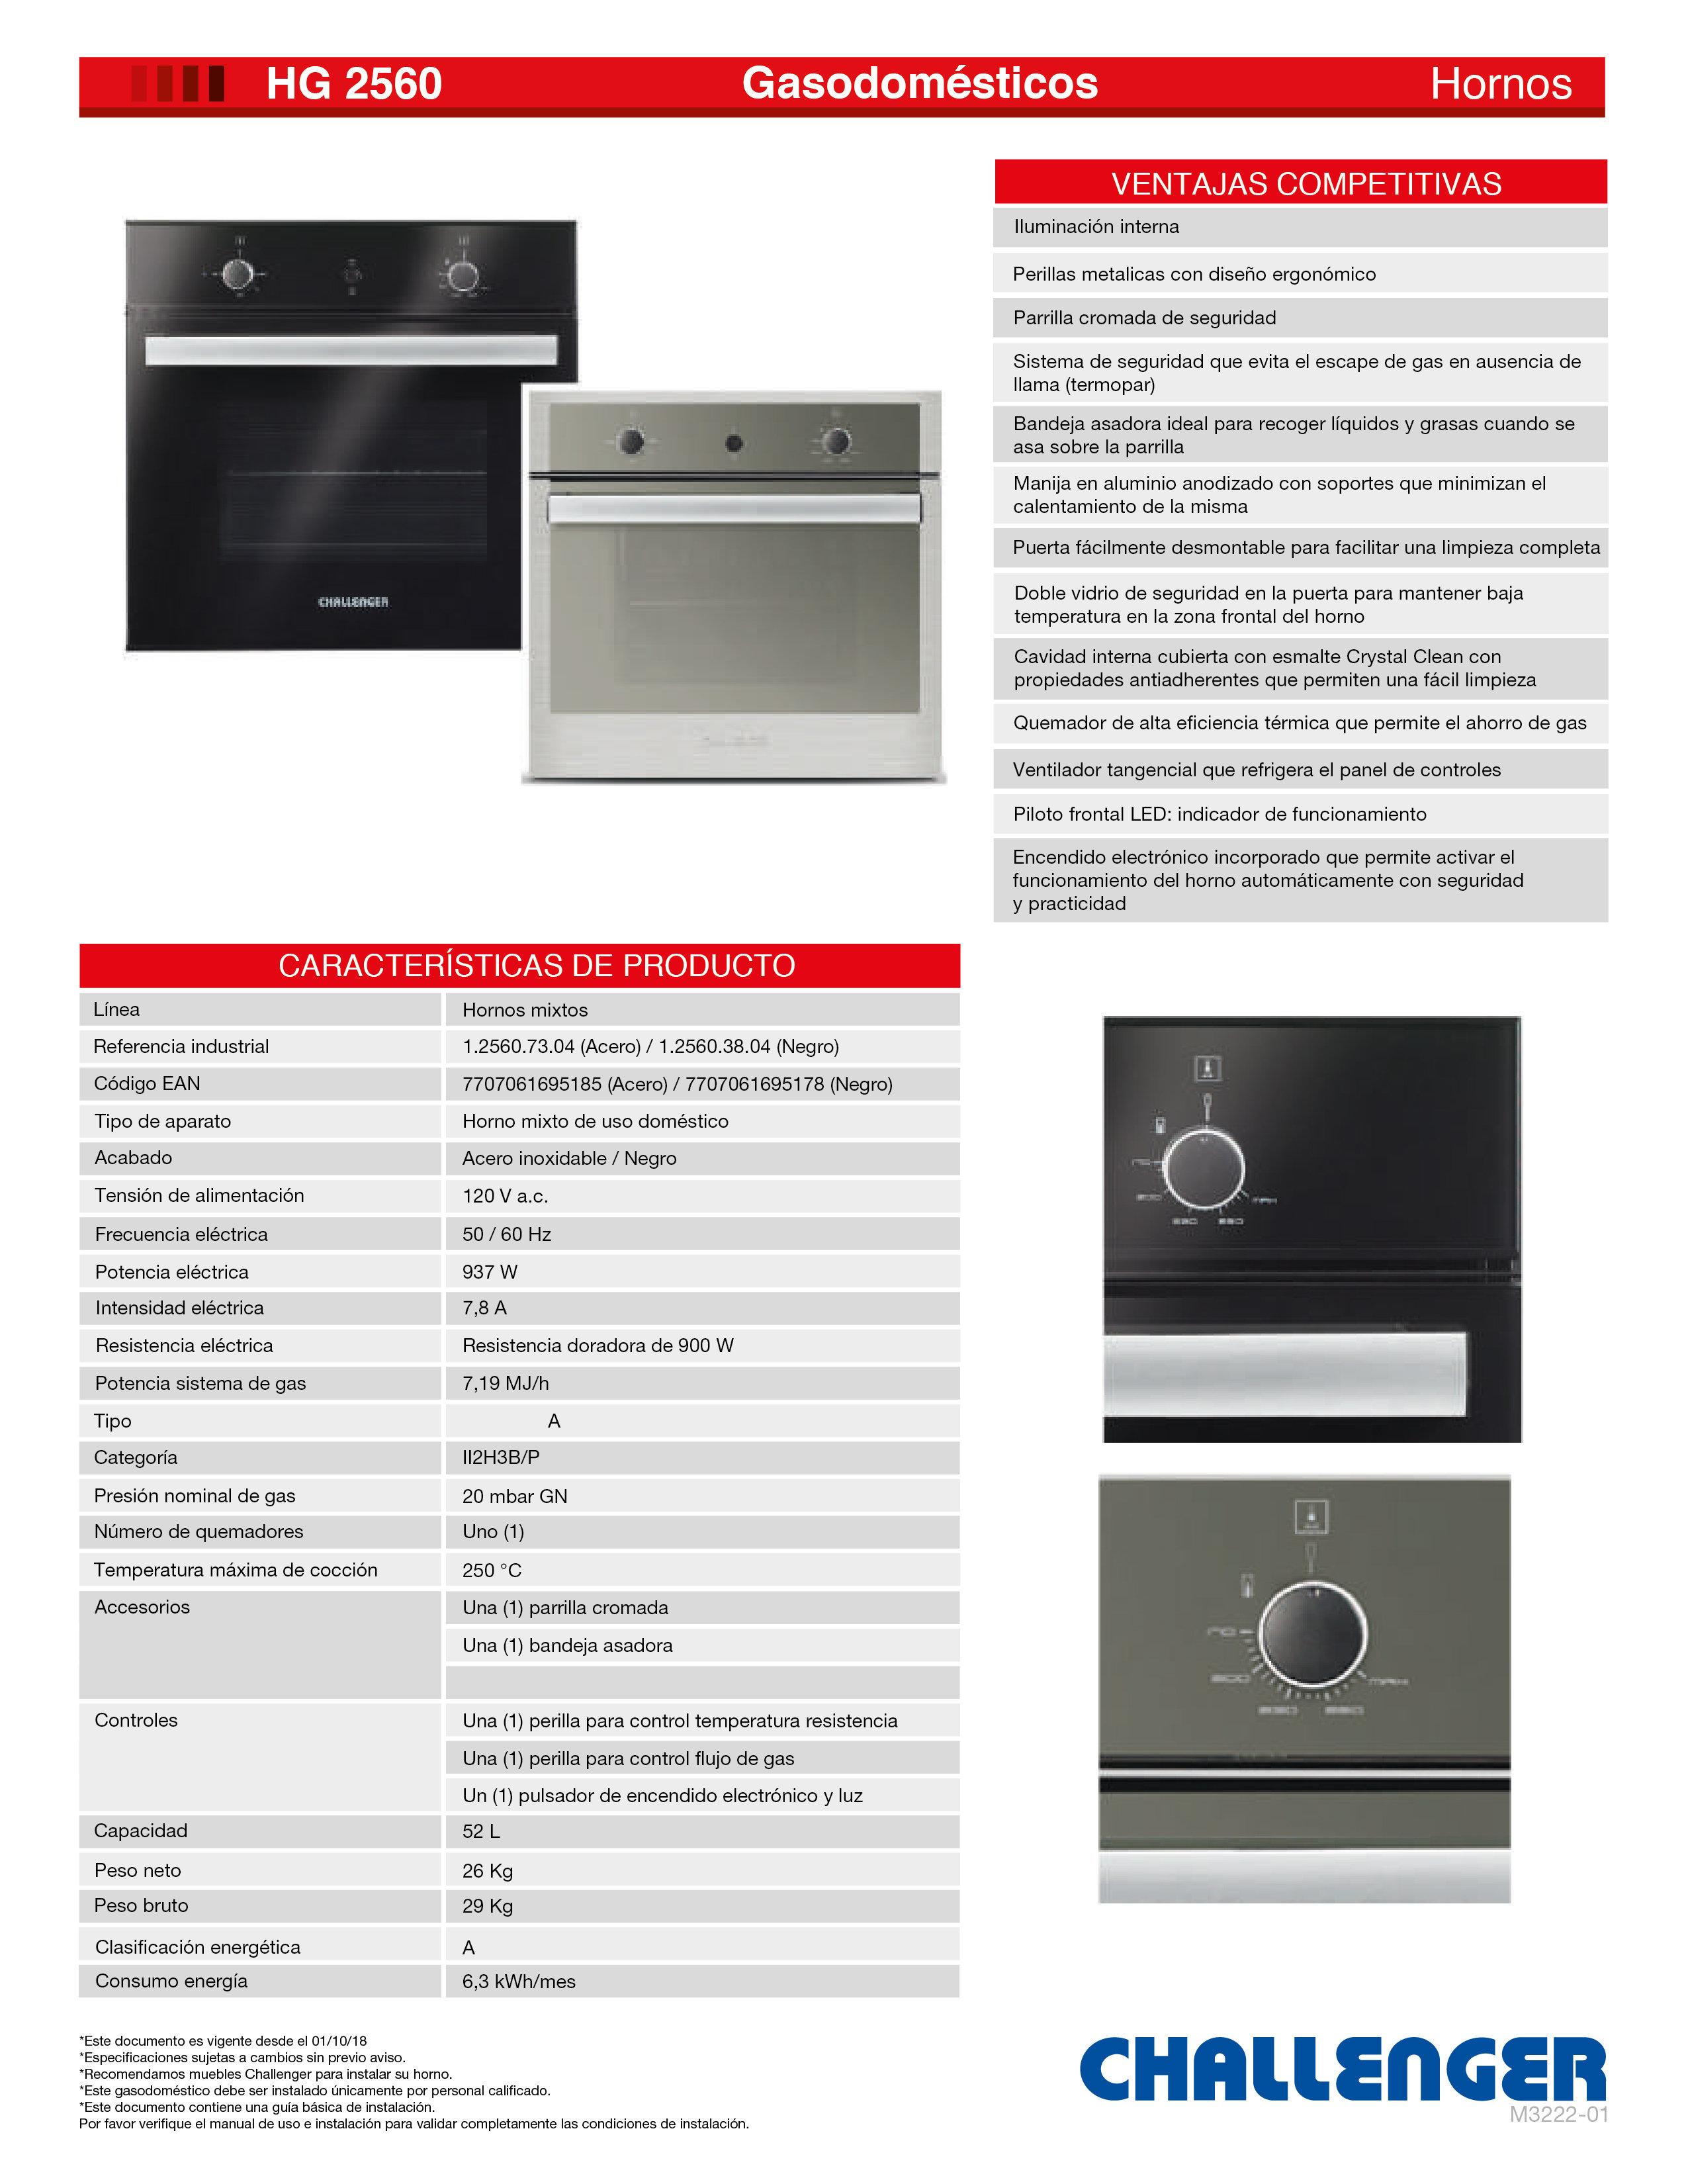 Horno Challenger Mixto A Gas Cristal 1 2560 38 04 Hg